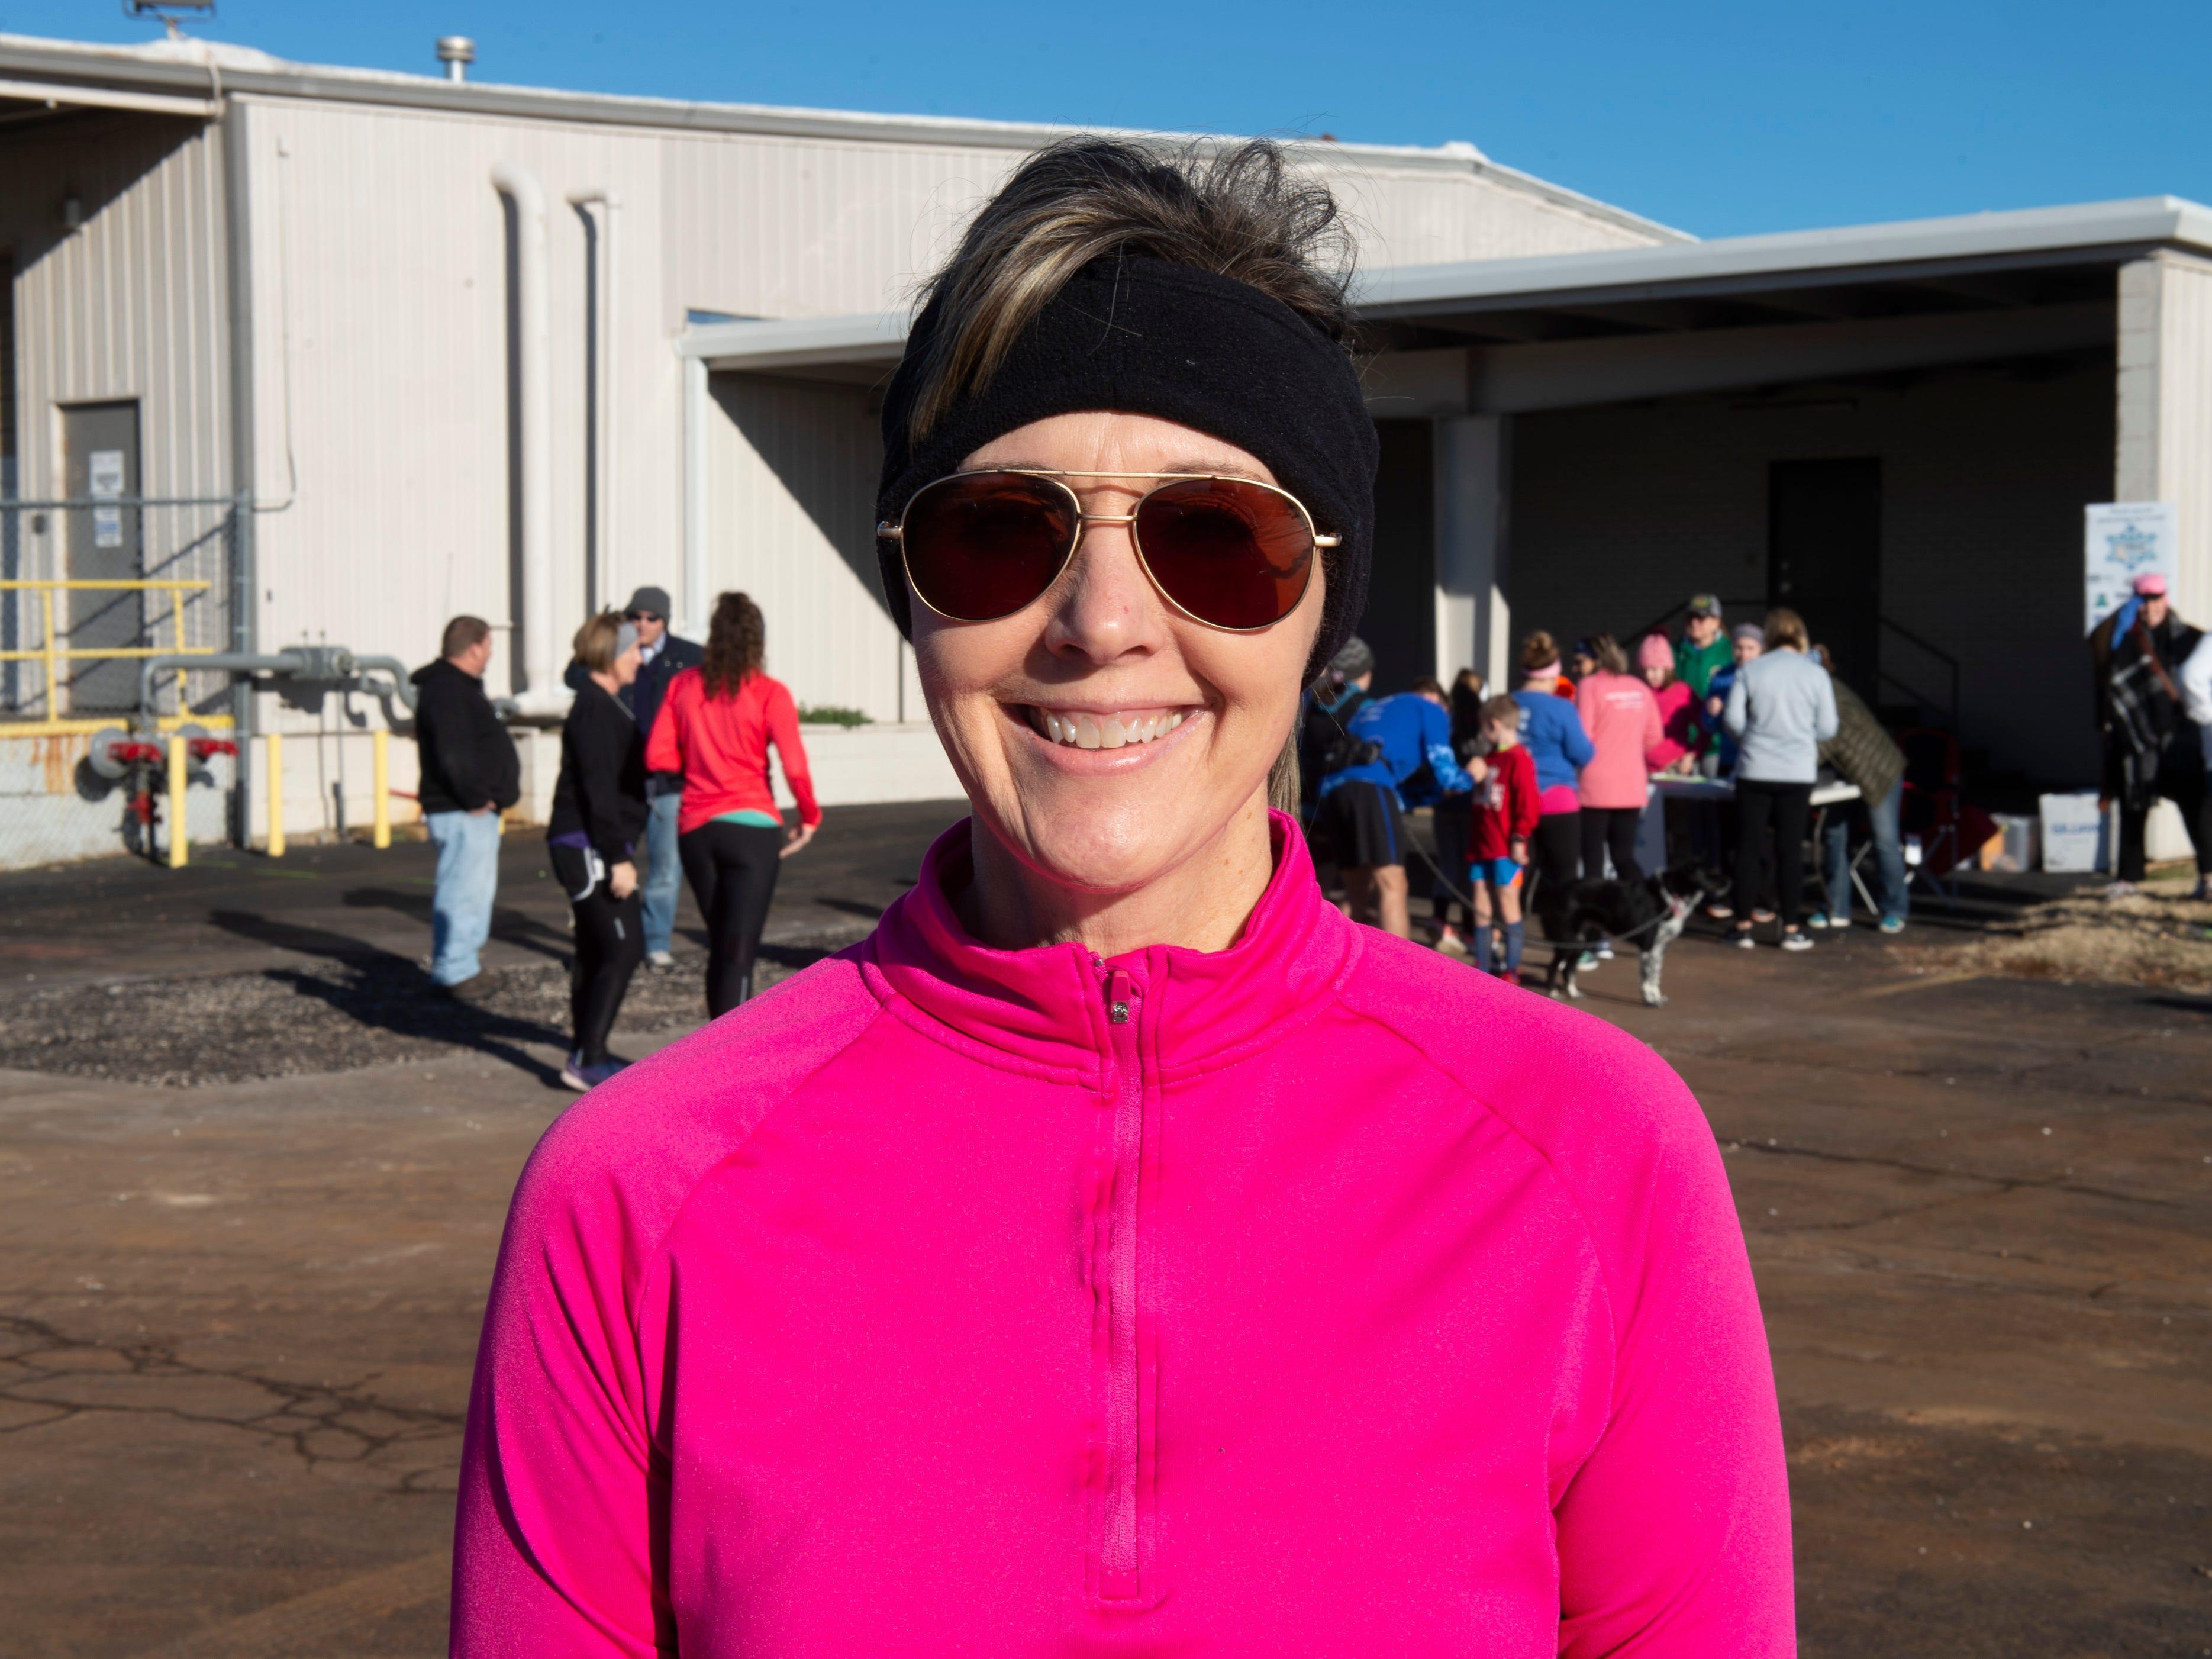 Paula Rhoades from Topeka, Kansas